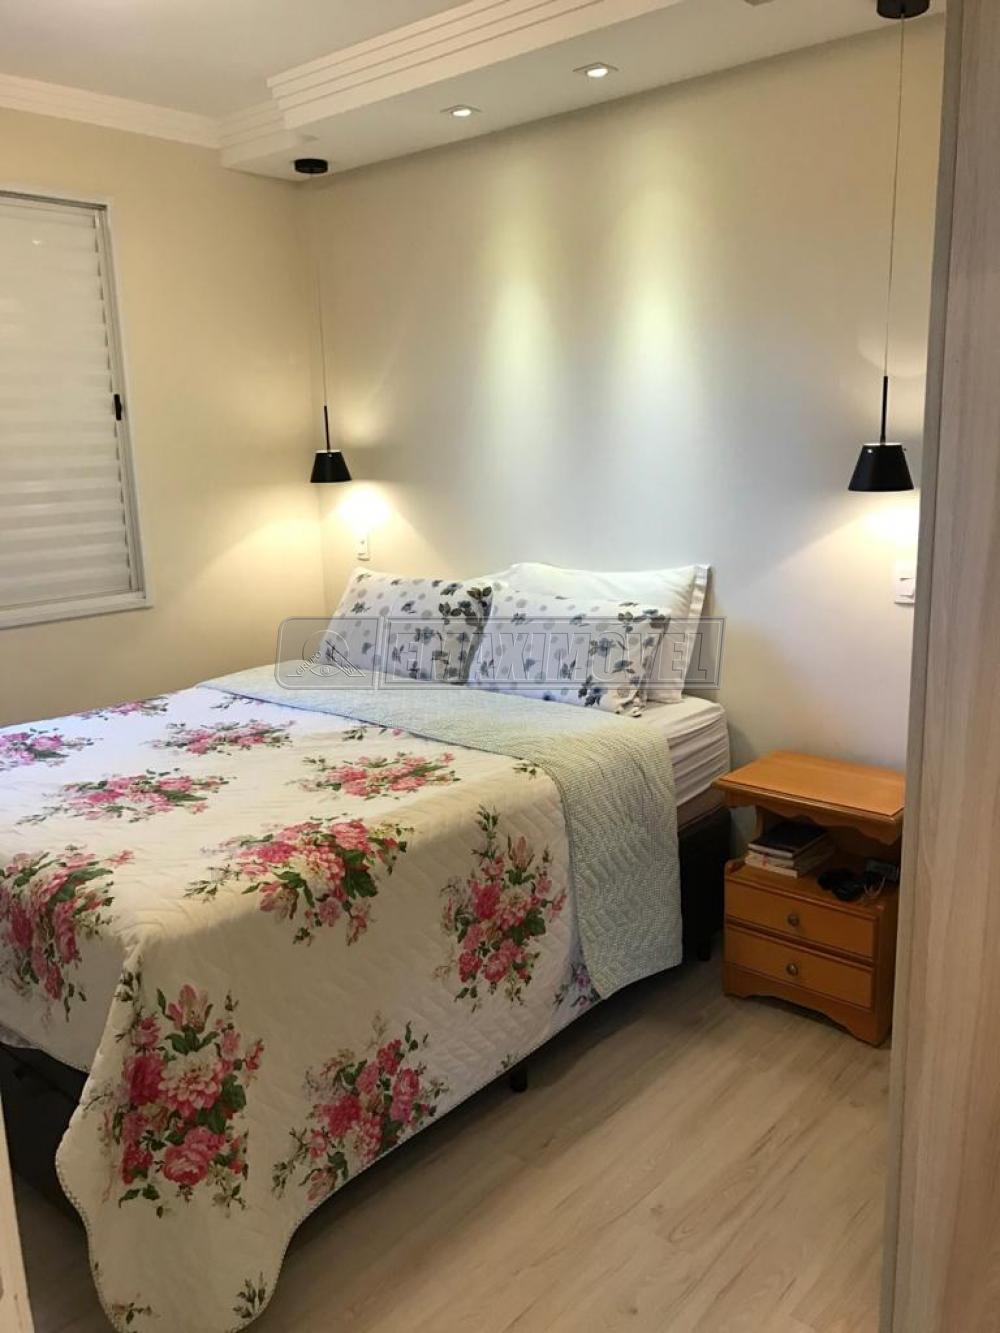 Comprar Apartamentos / Apto Padrão em Sorocaba apenas R$ 225.000,00 - Foto 10